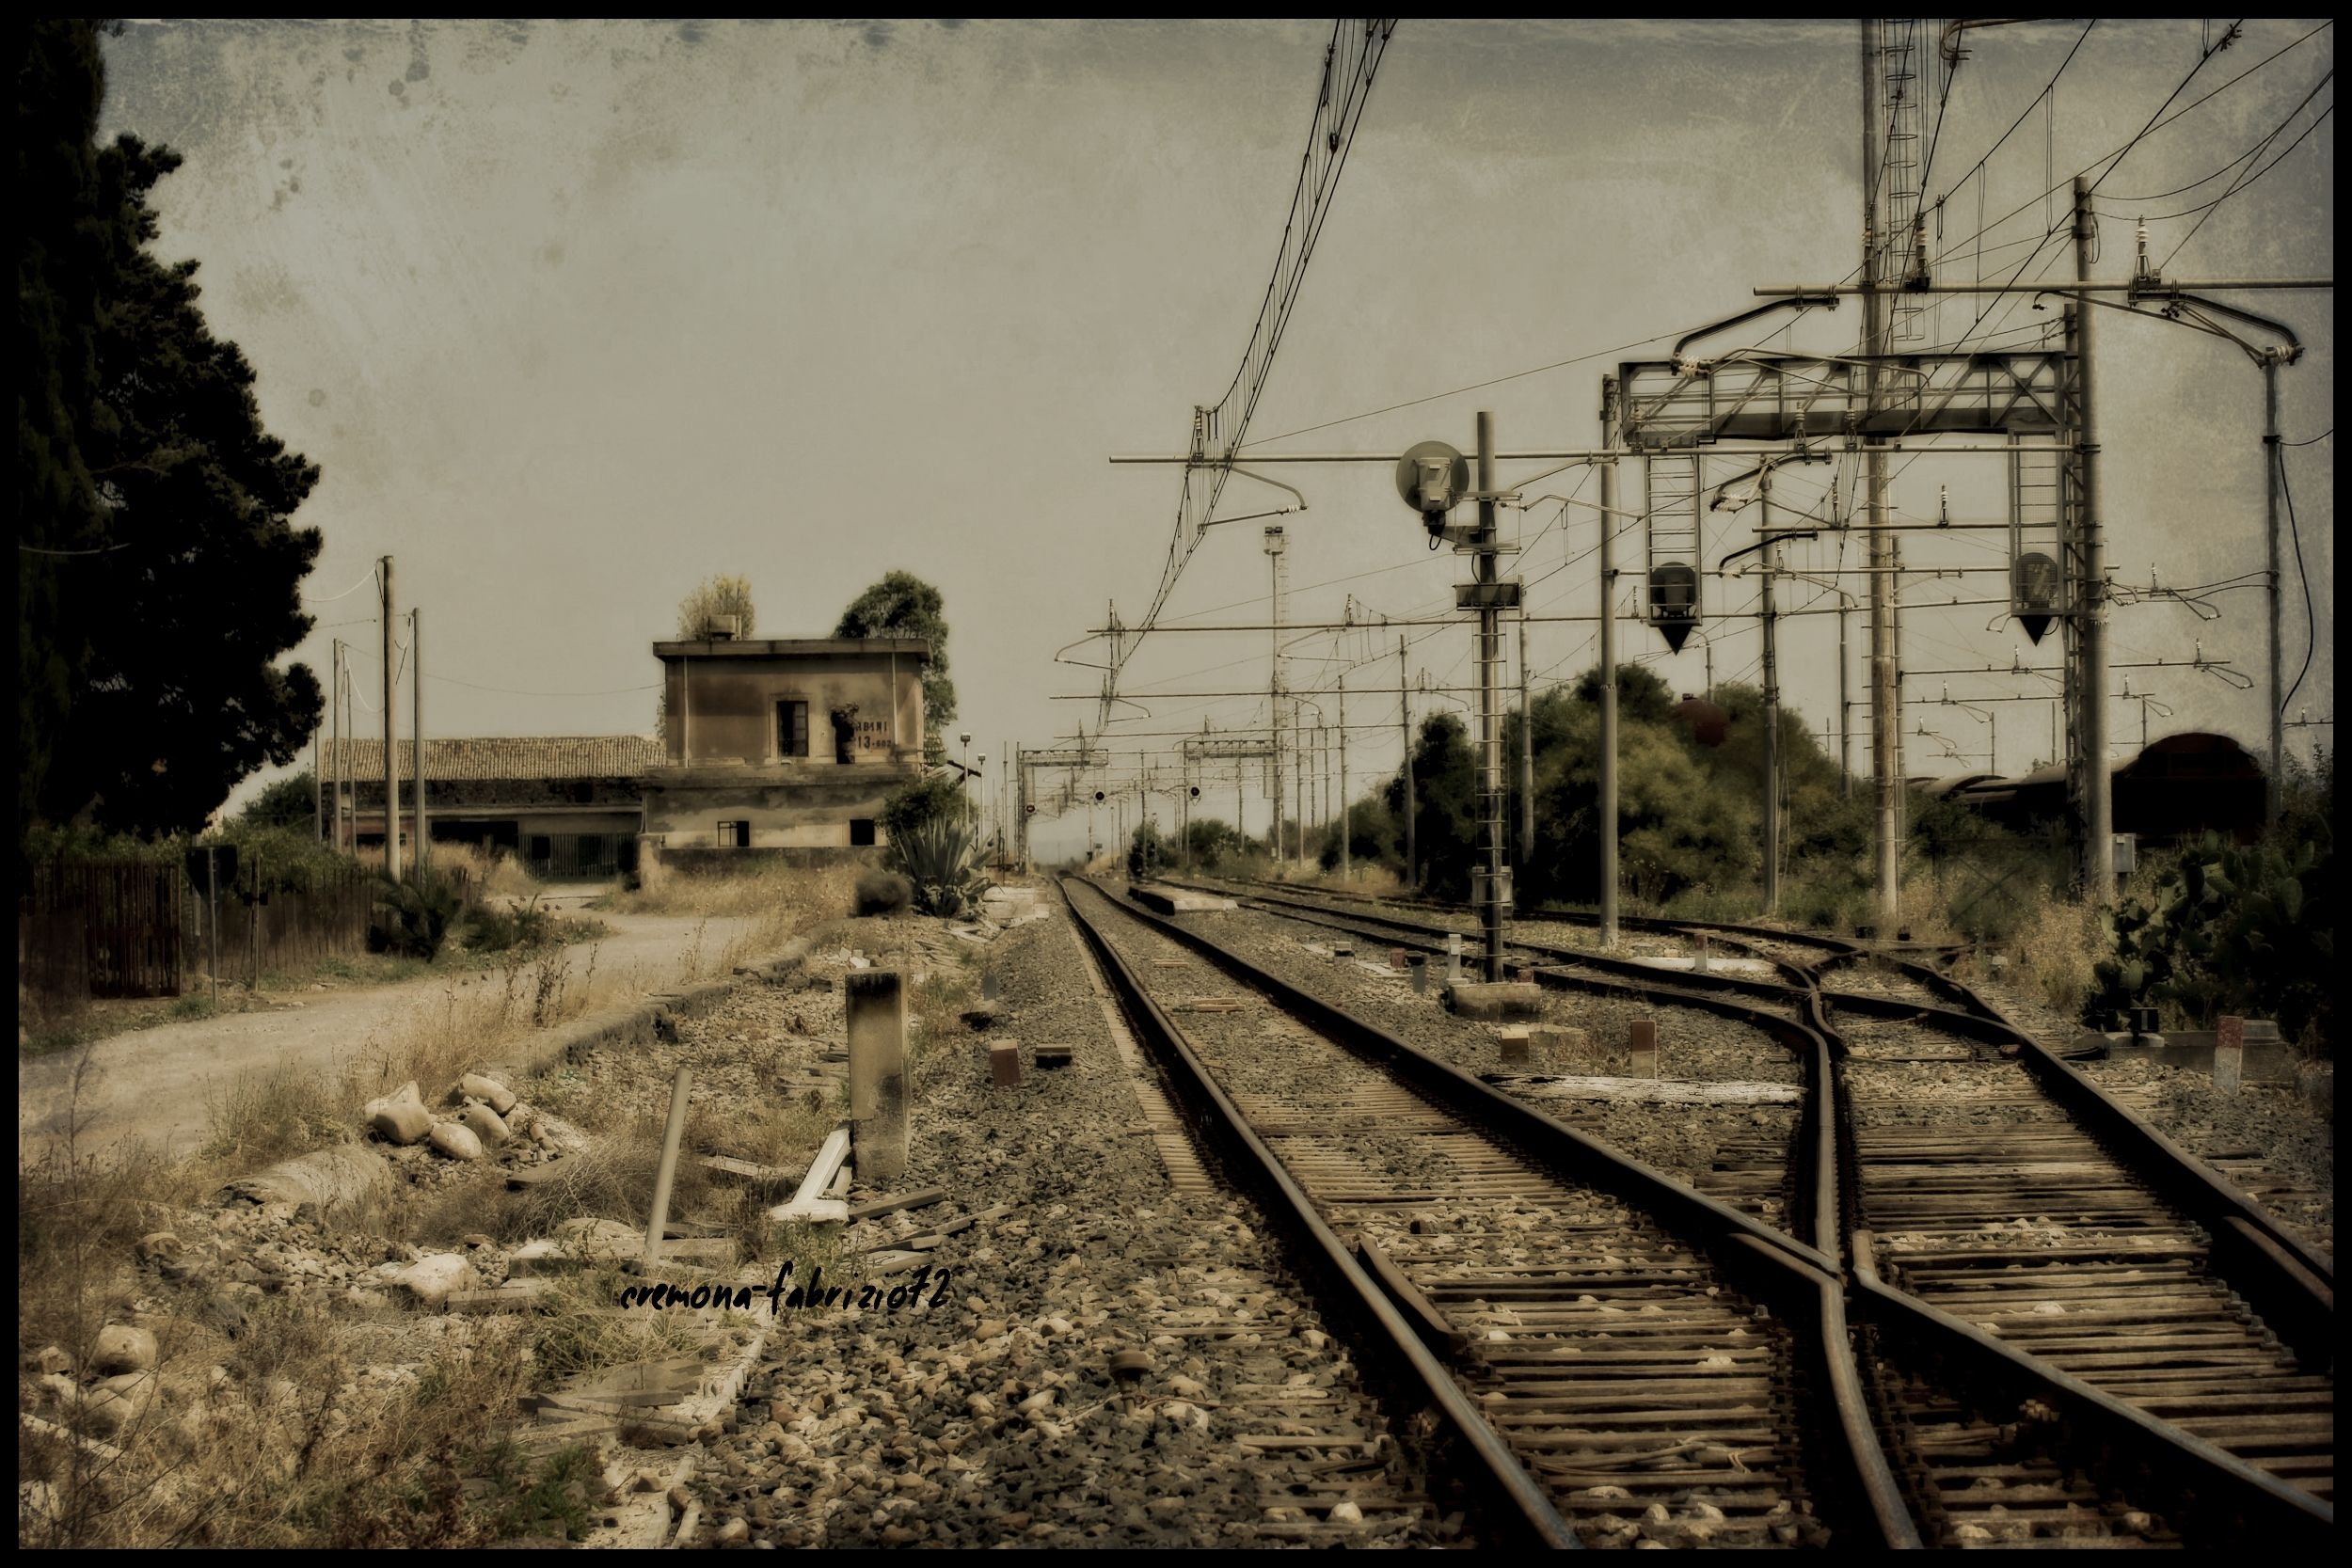 stazione dismessa